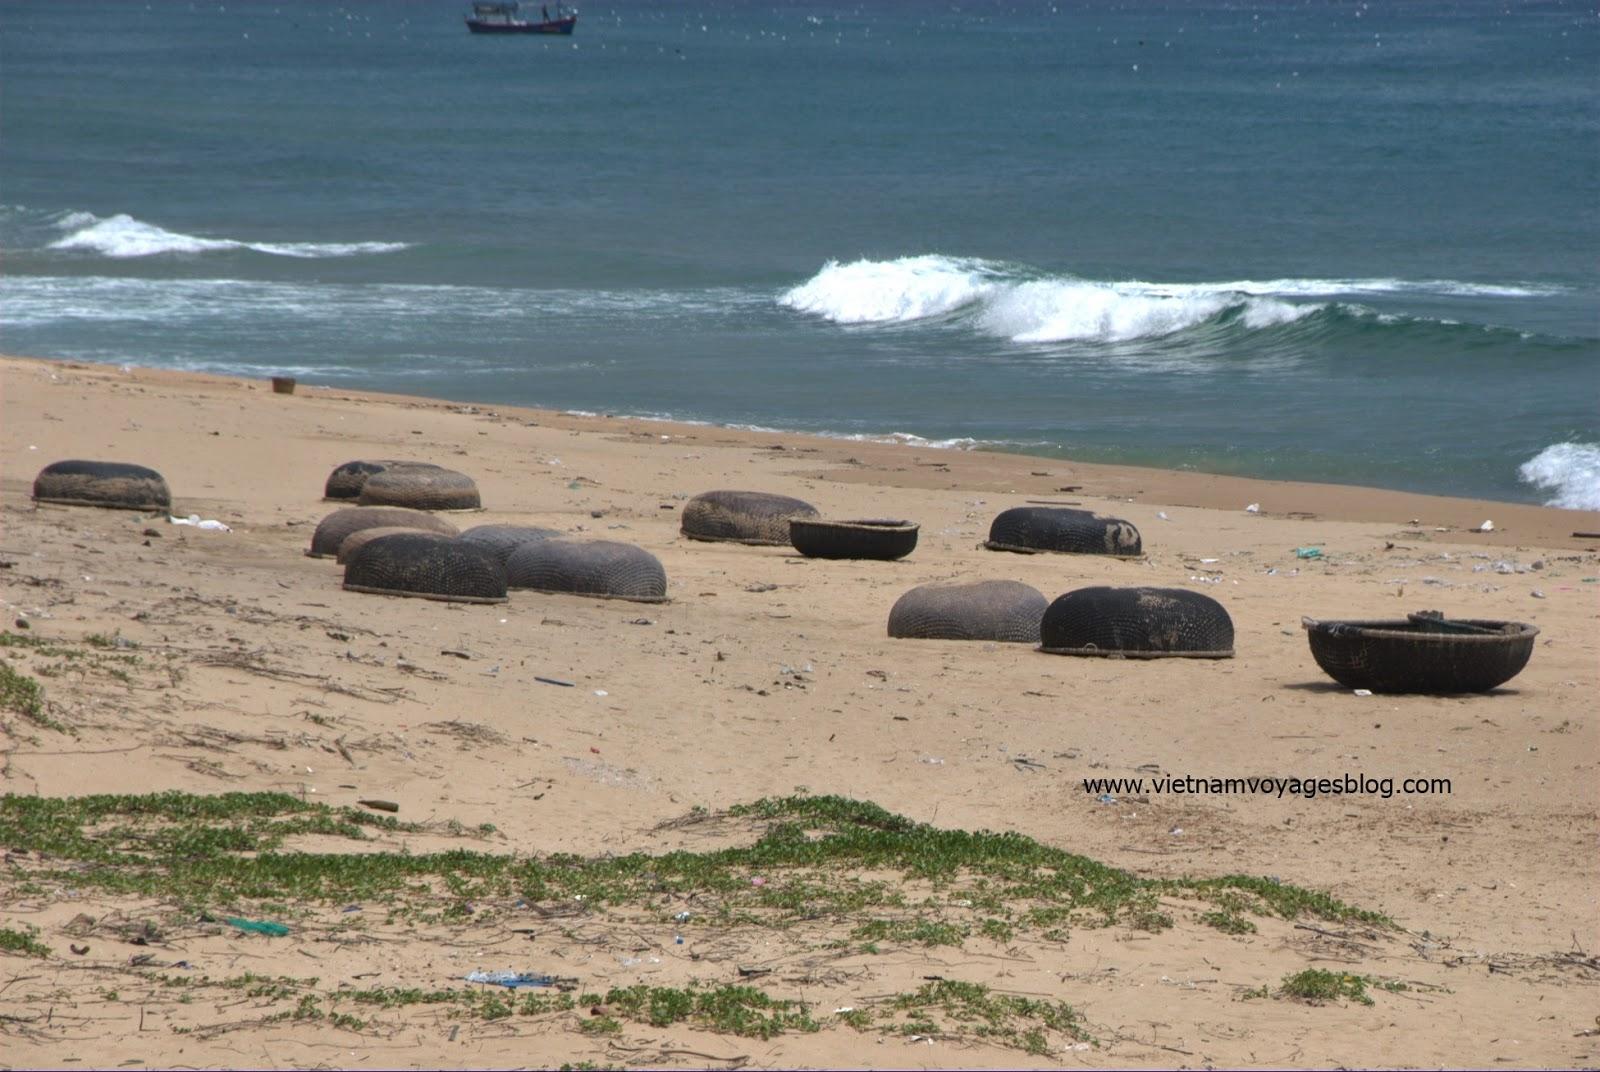 Hoang sơ biển Bãi Gốc, Phú Yên